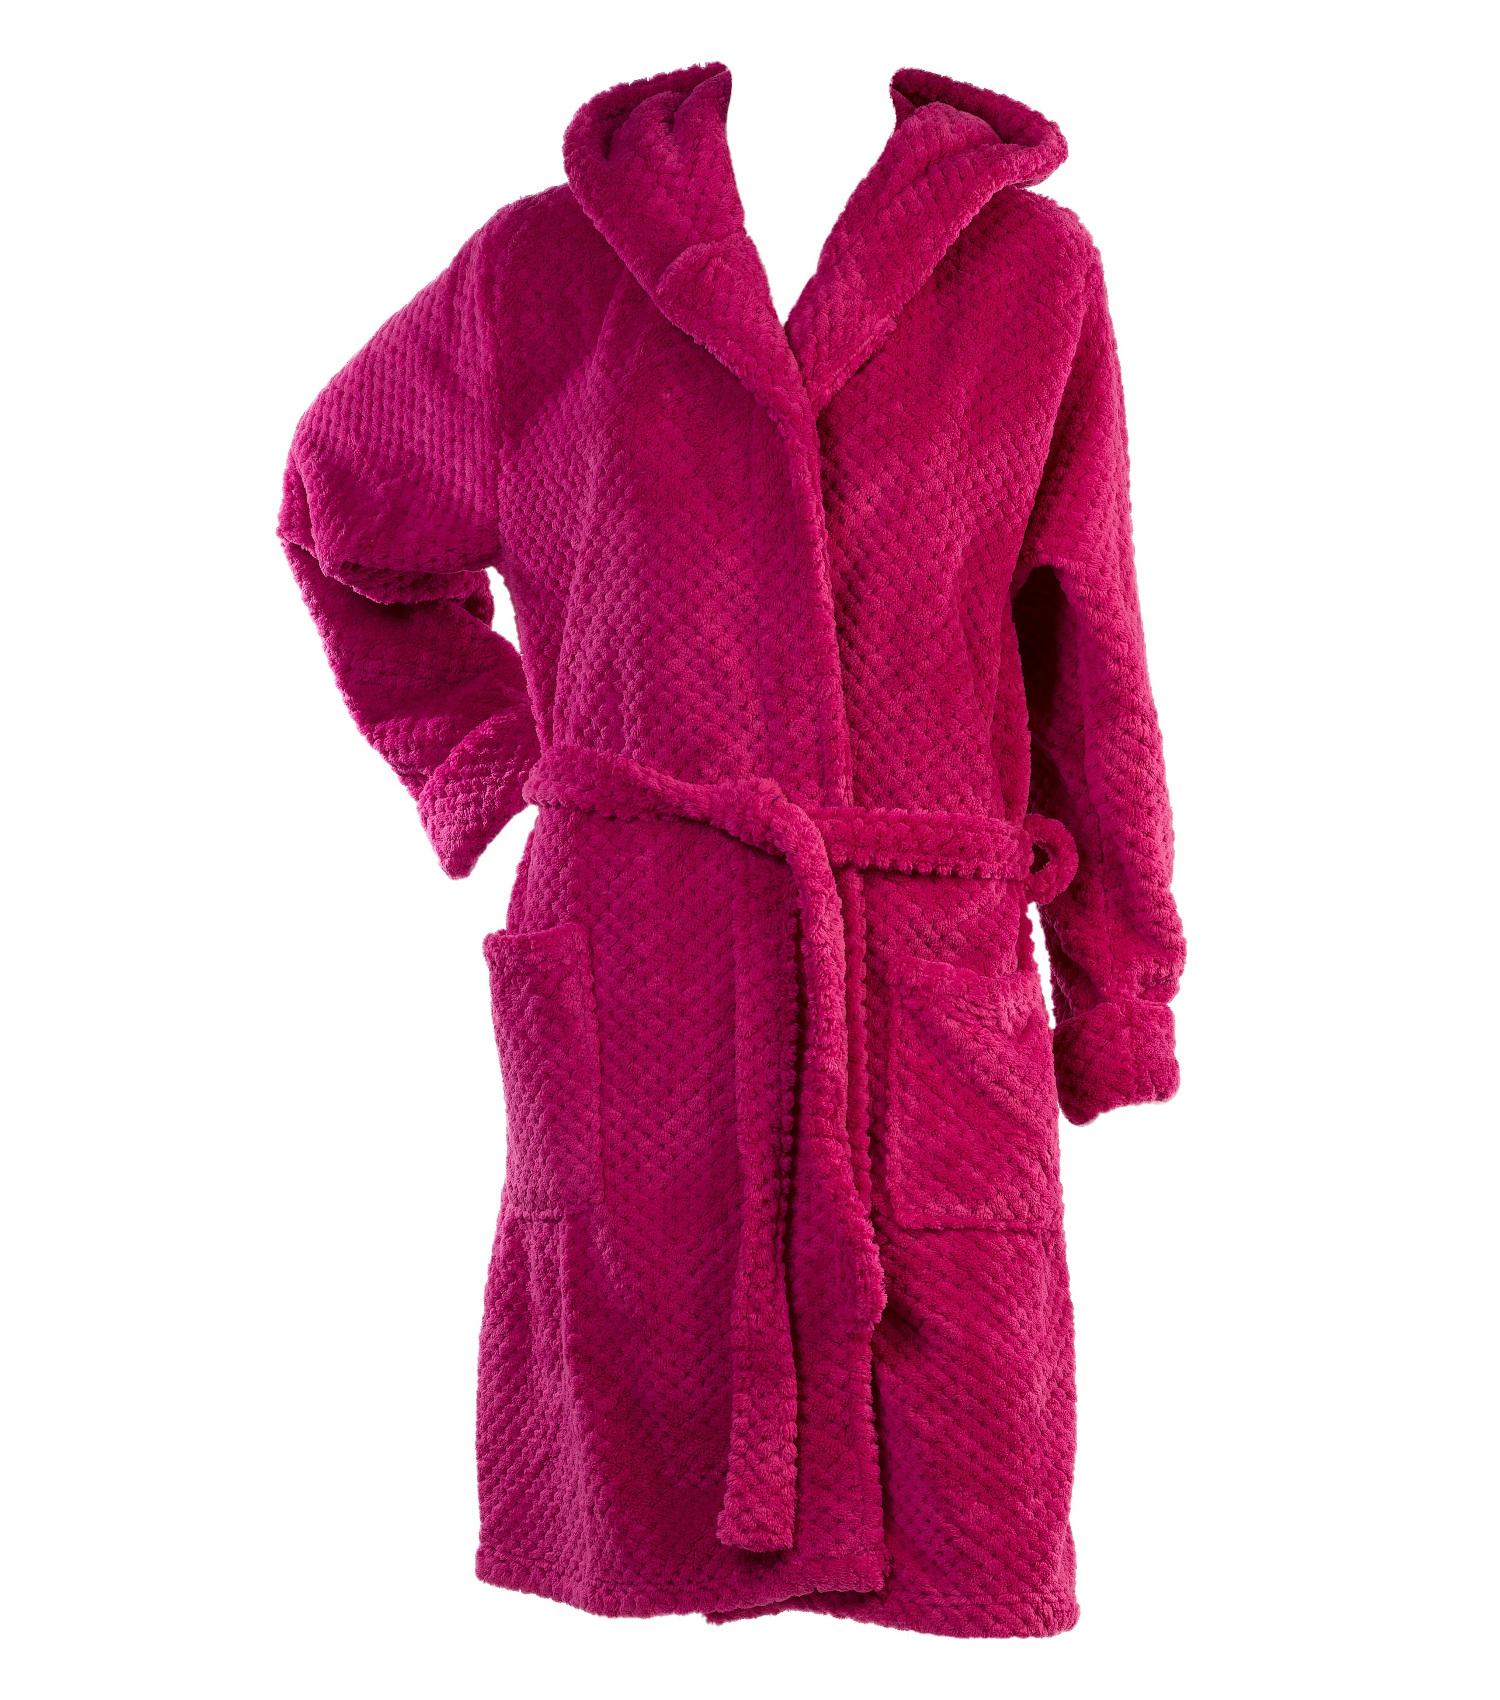 Dressing Gown Womens Hooded Bath Robe Soft Waffle Fleece Slenderella ... c4f5ad2e6